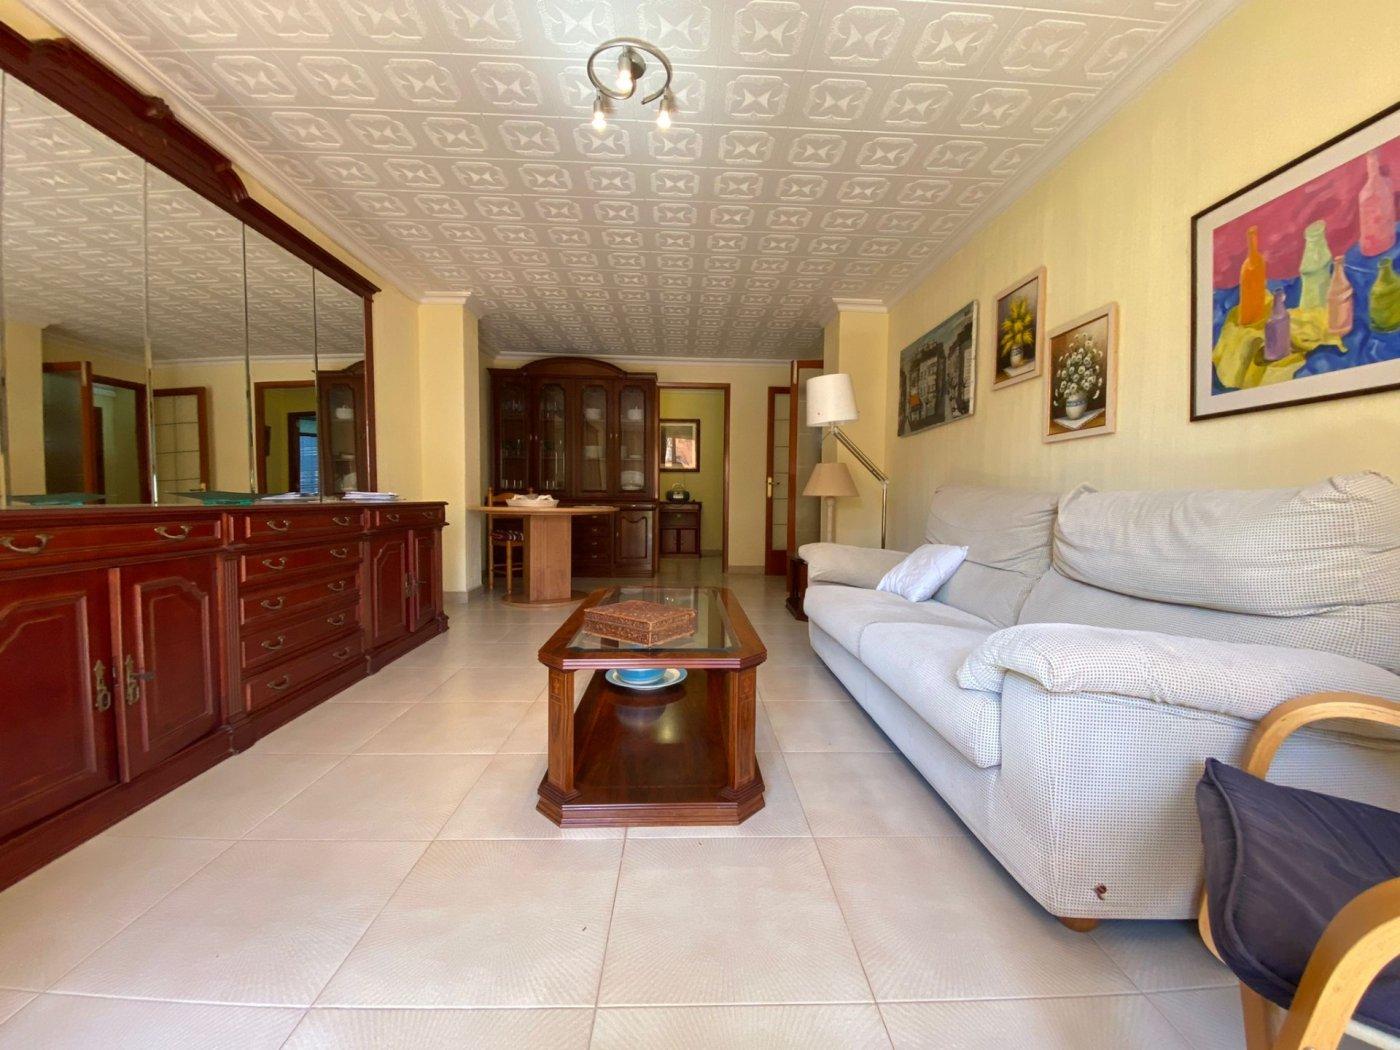 Señorial piso en palma, posibilidad alquiler con opción a compra - imagenInmueble3